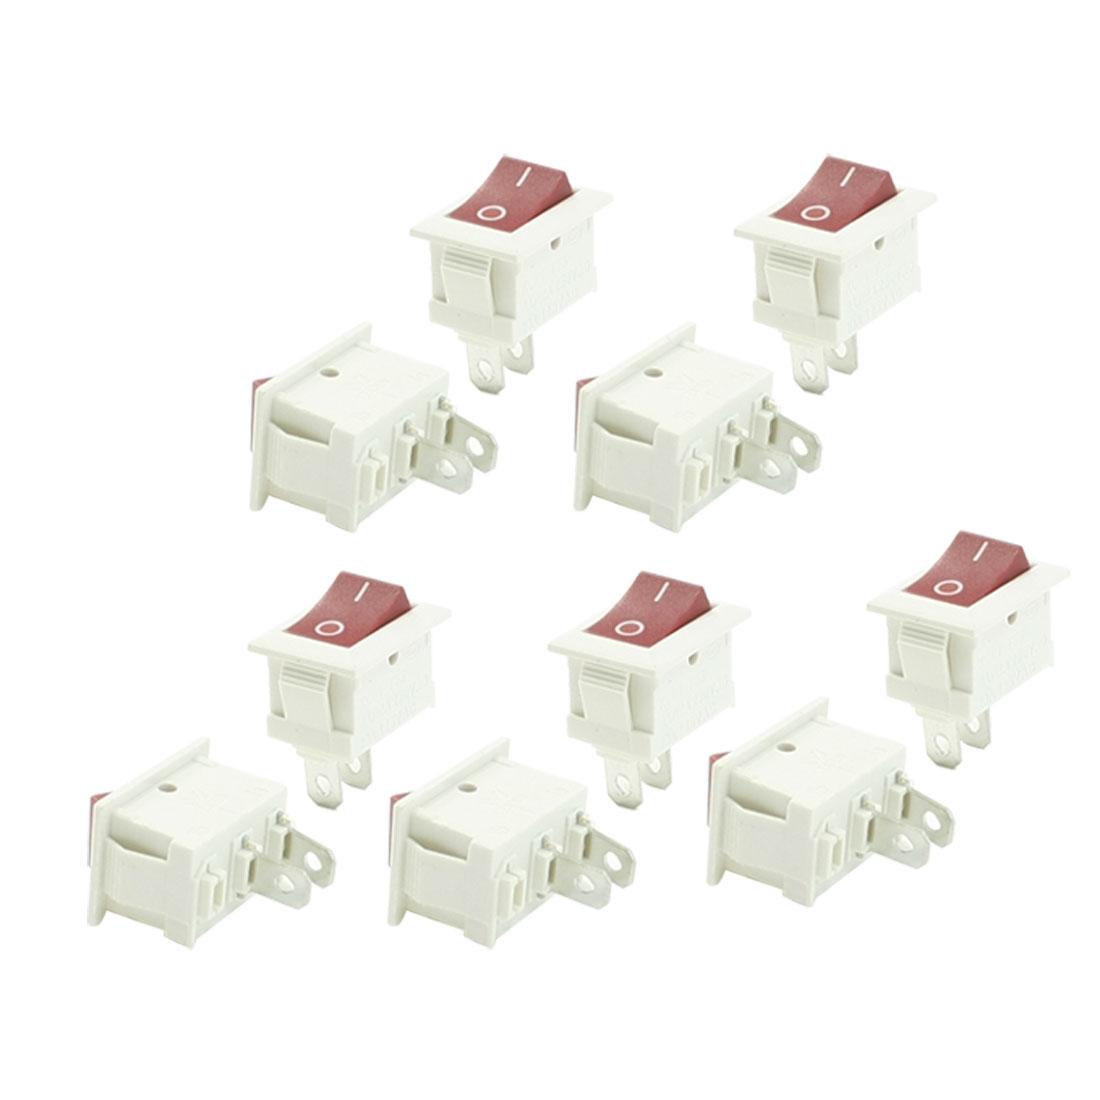 6A/12A 250VAC 10A 125VAC 2P SPST Red Light 2 Position I/O Rocker Switch 10 Pcs